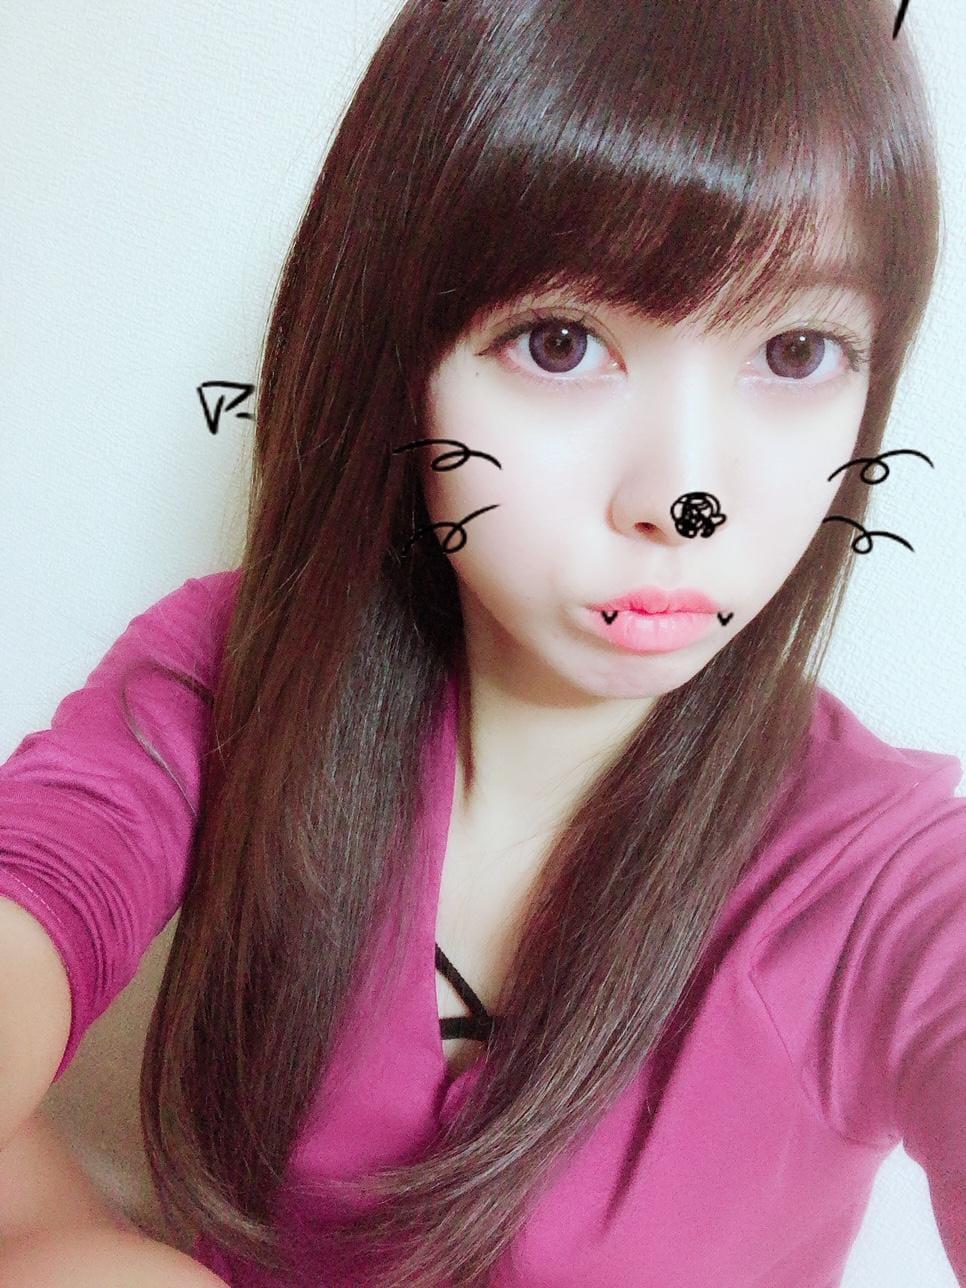 「お礼です✧︎」10/30(10/30) 21:36   あいかの写メ・風俗動画